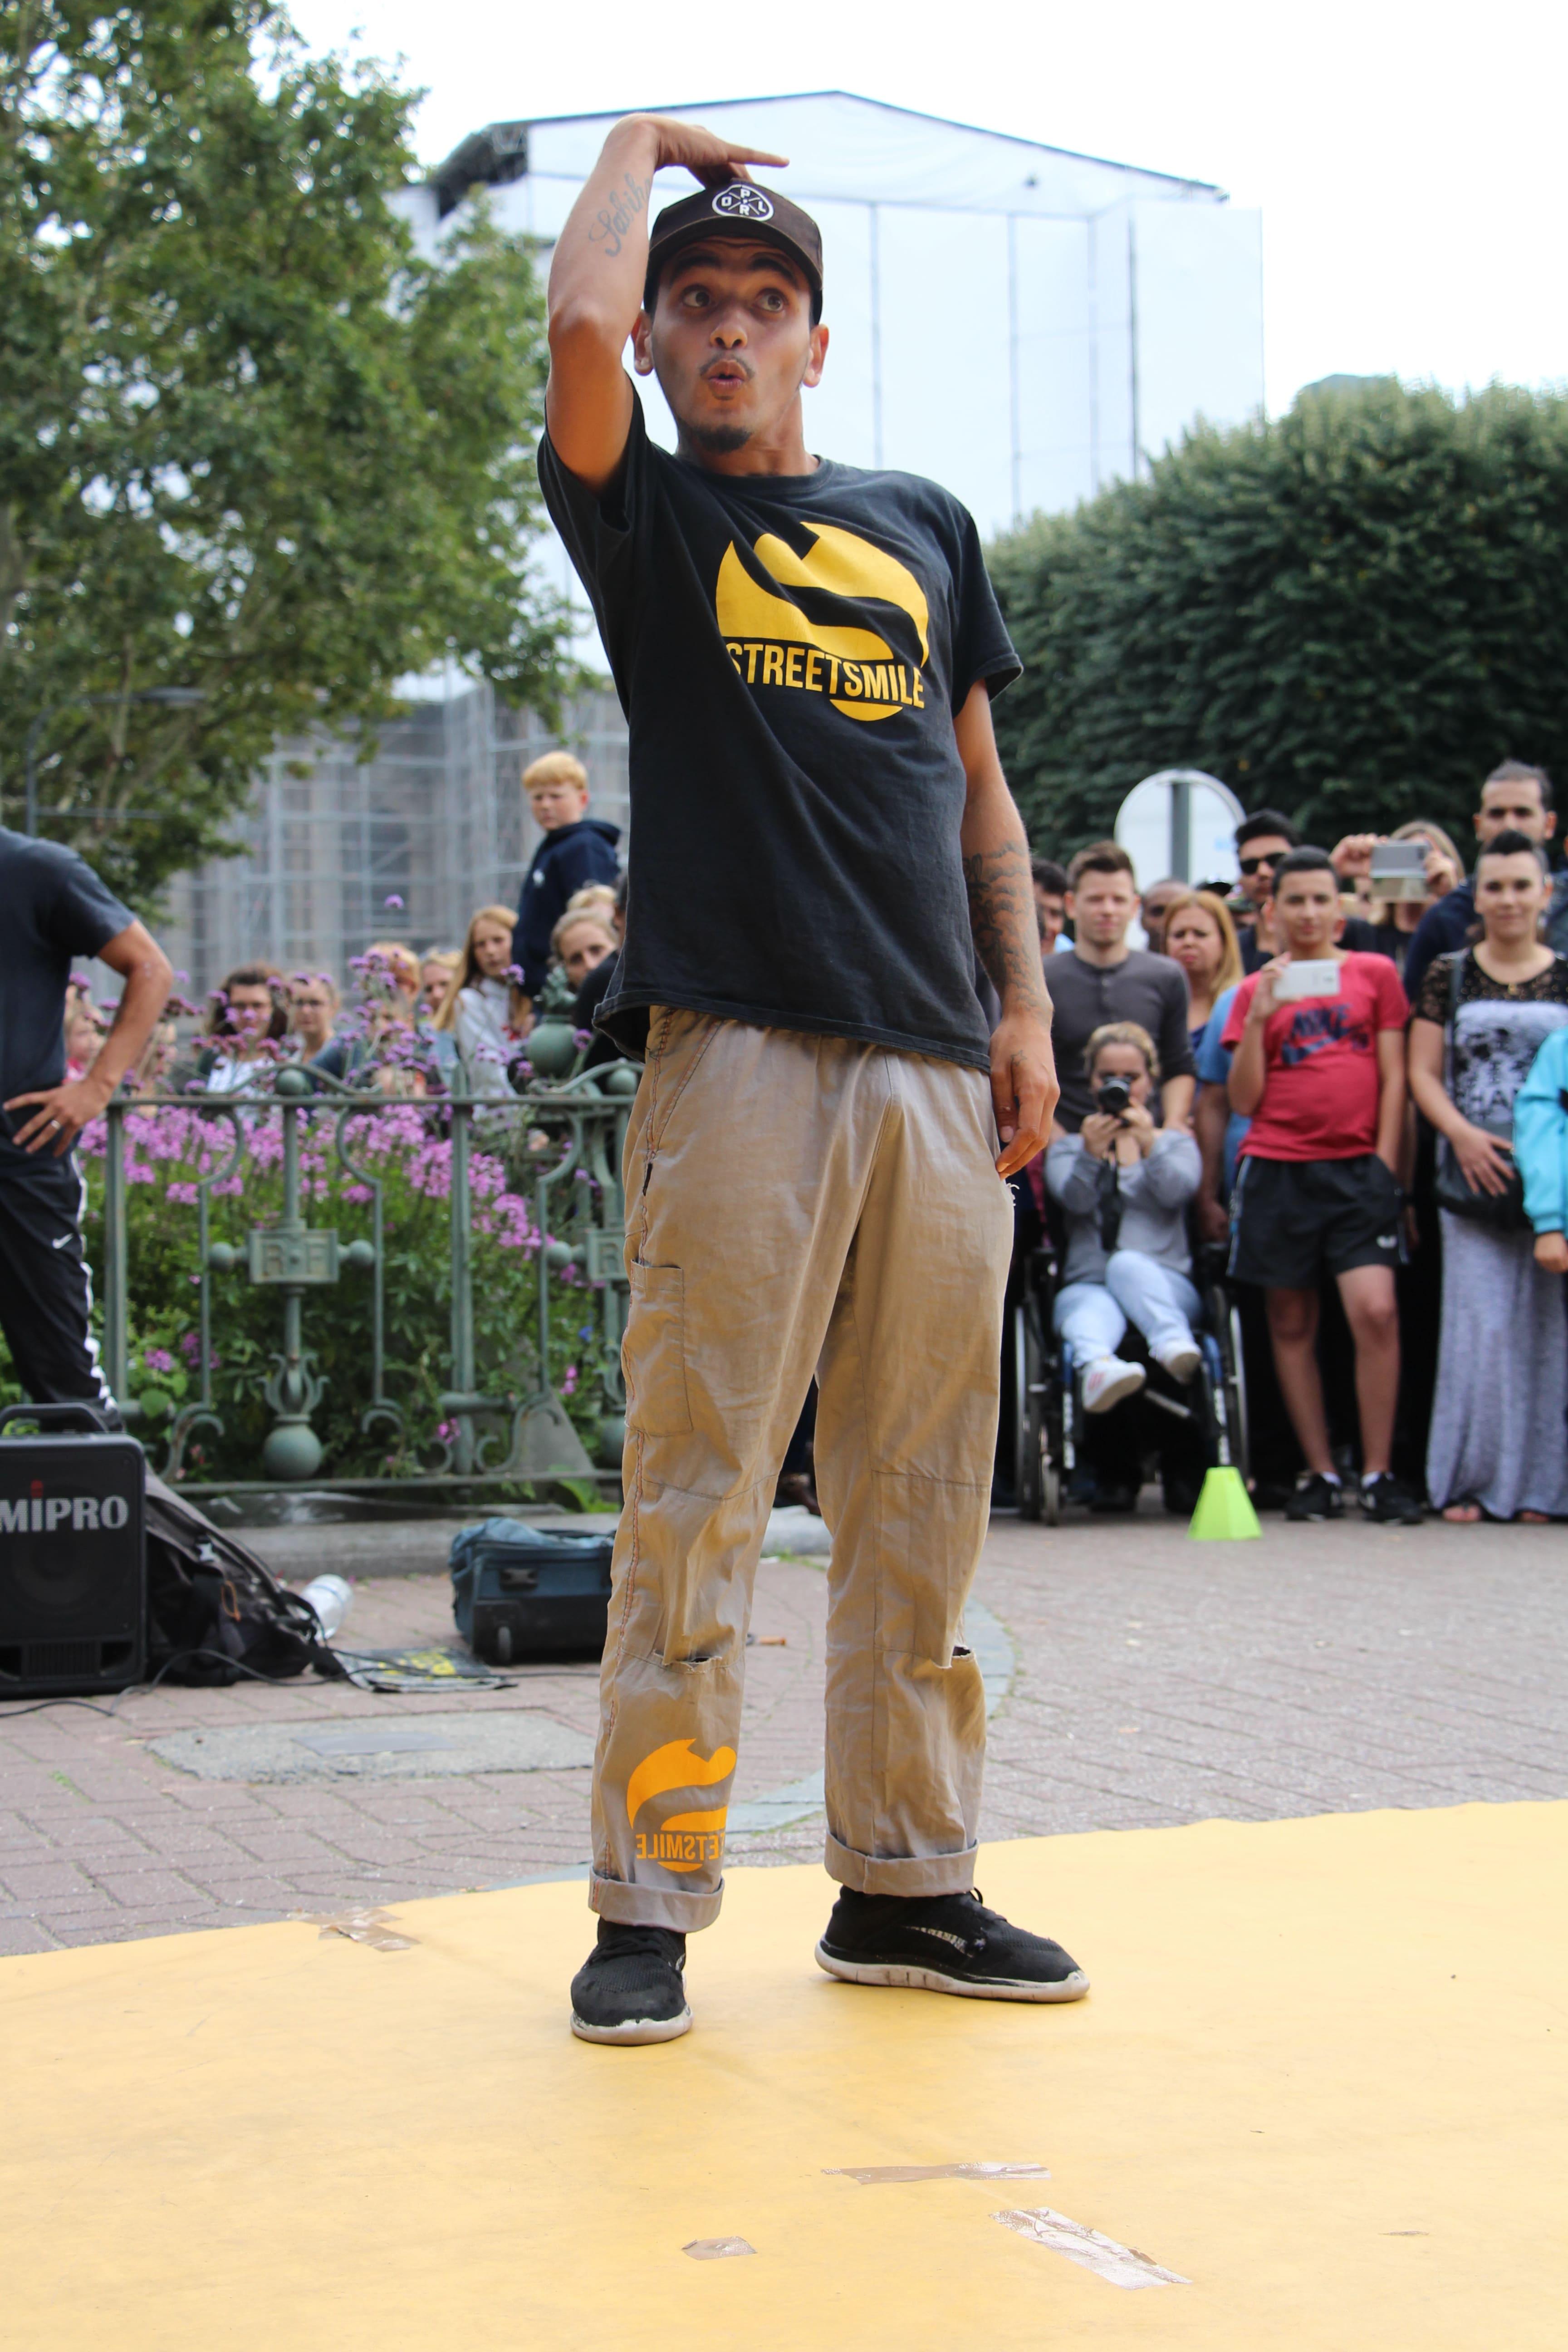 Hip-hop et humour événement - Streetsmile